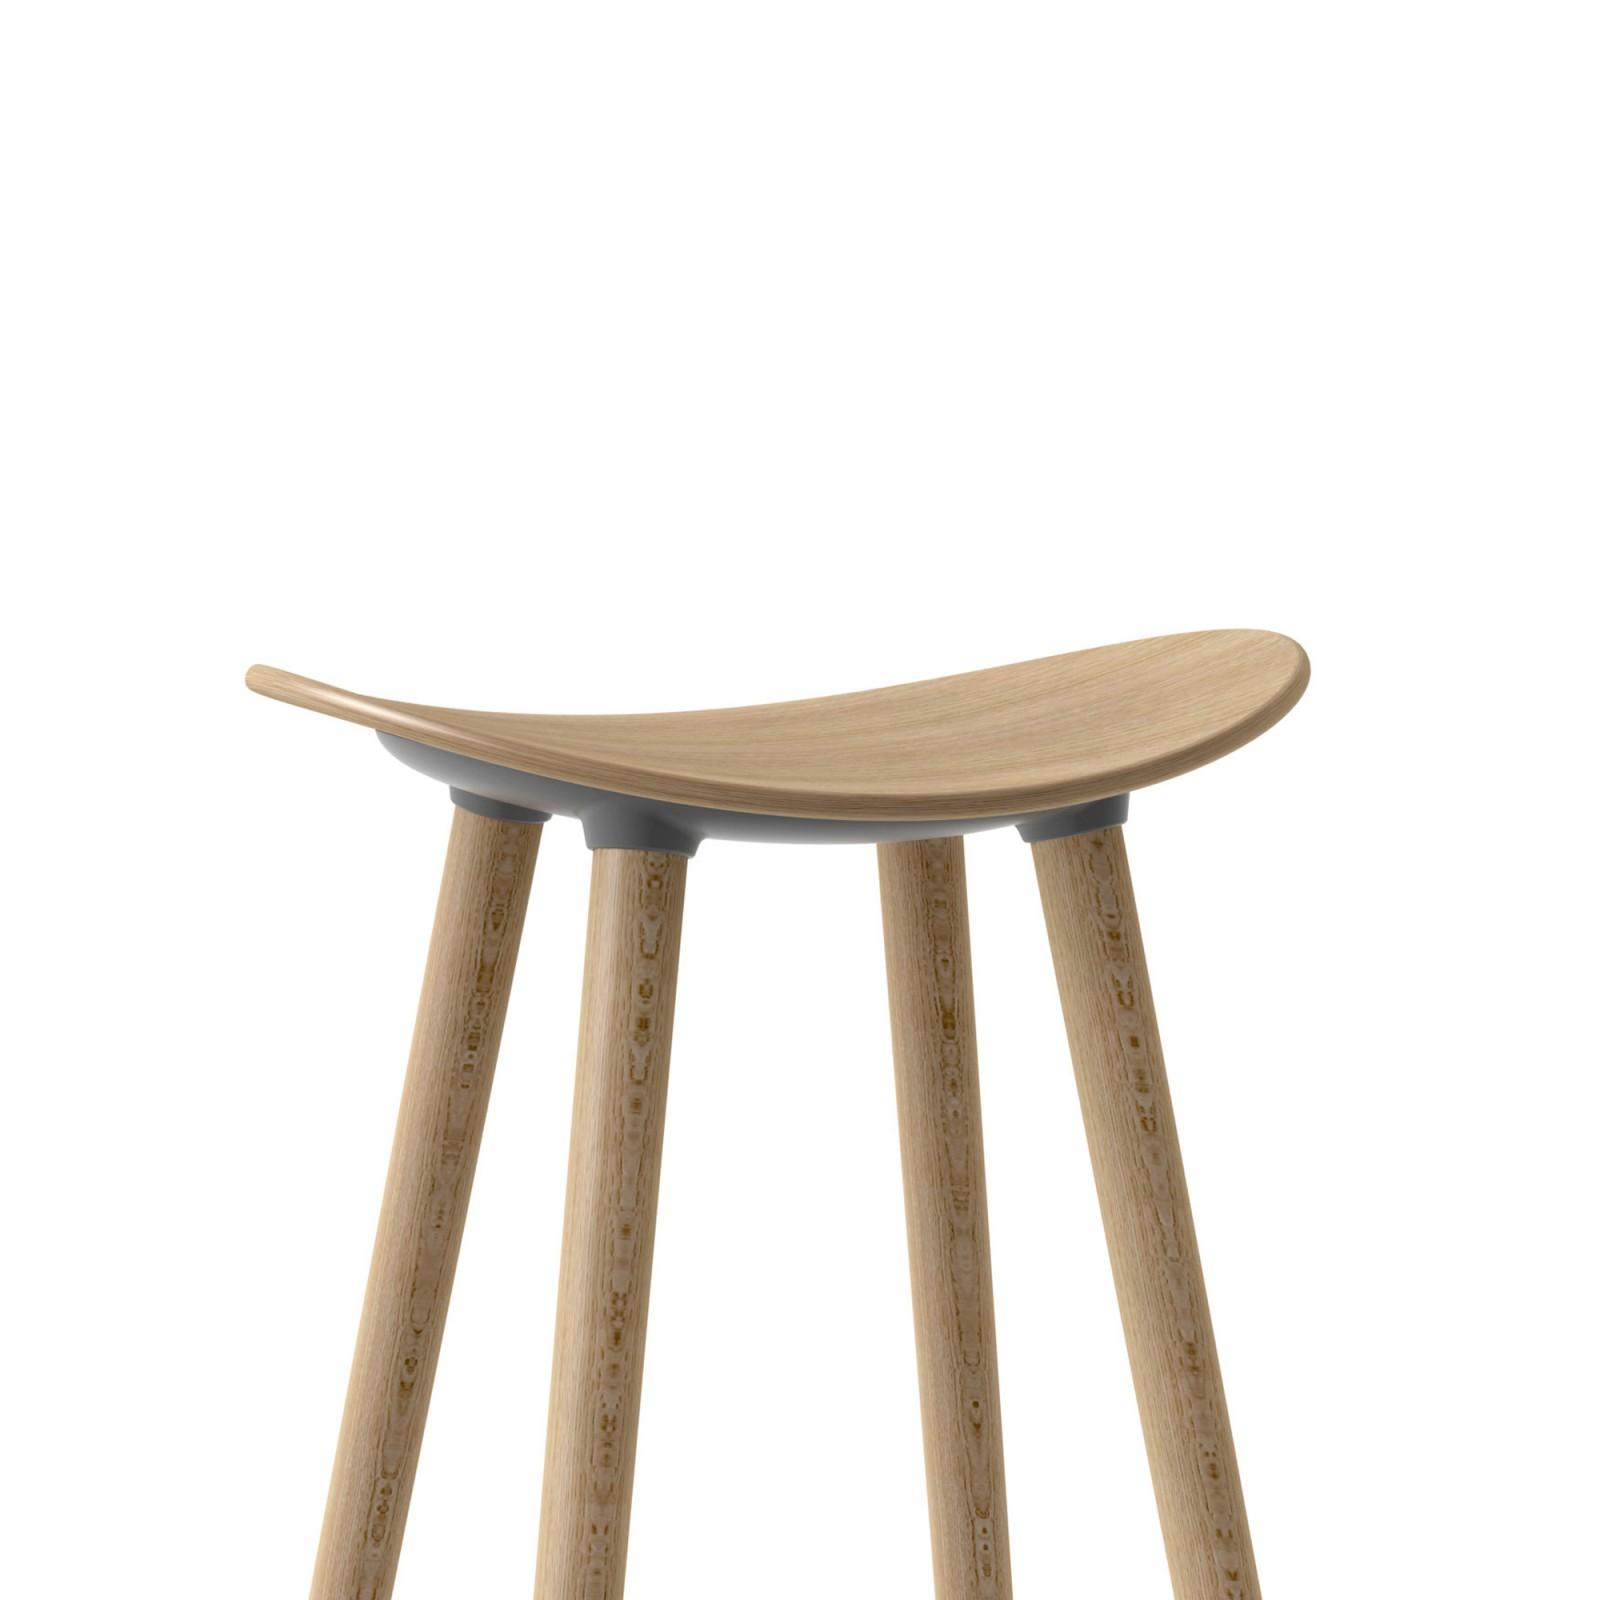 Taburete Coma Wood Enea Design 2016 estilo nórdico